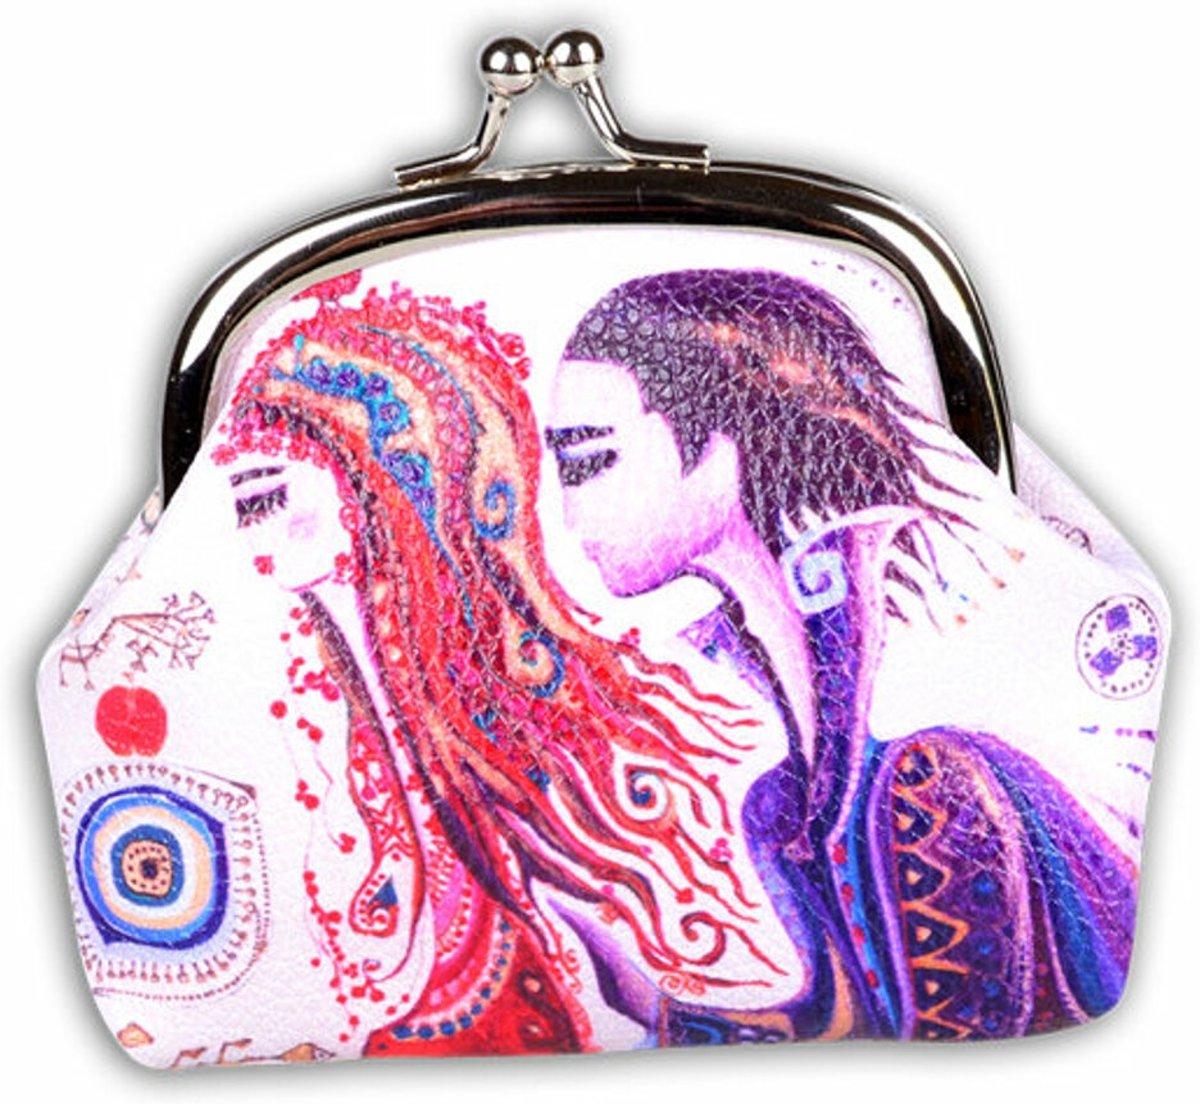 BiggDesign liefde Kleingeld Tas / Portemonnee , Speciaal Ontwerp , Trendvol voor Vrouwen , gemaakt van PU leer, 9.5 x 8 cm , Klein , Modieus , Kleurrijk kopen